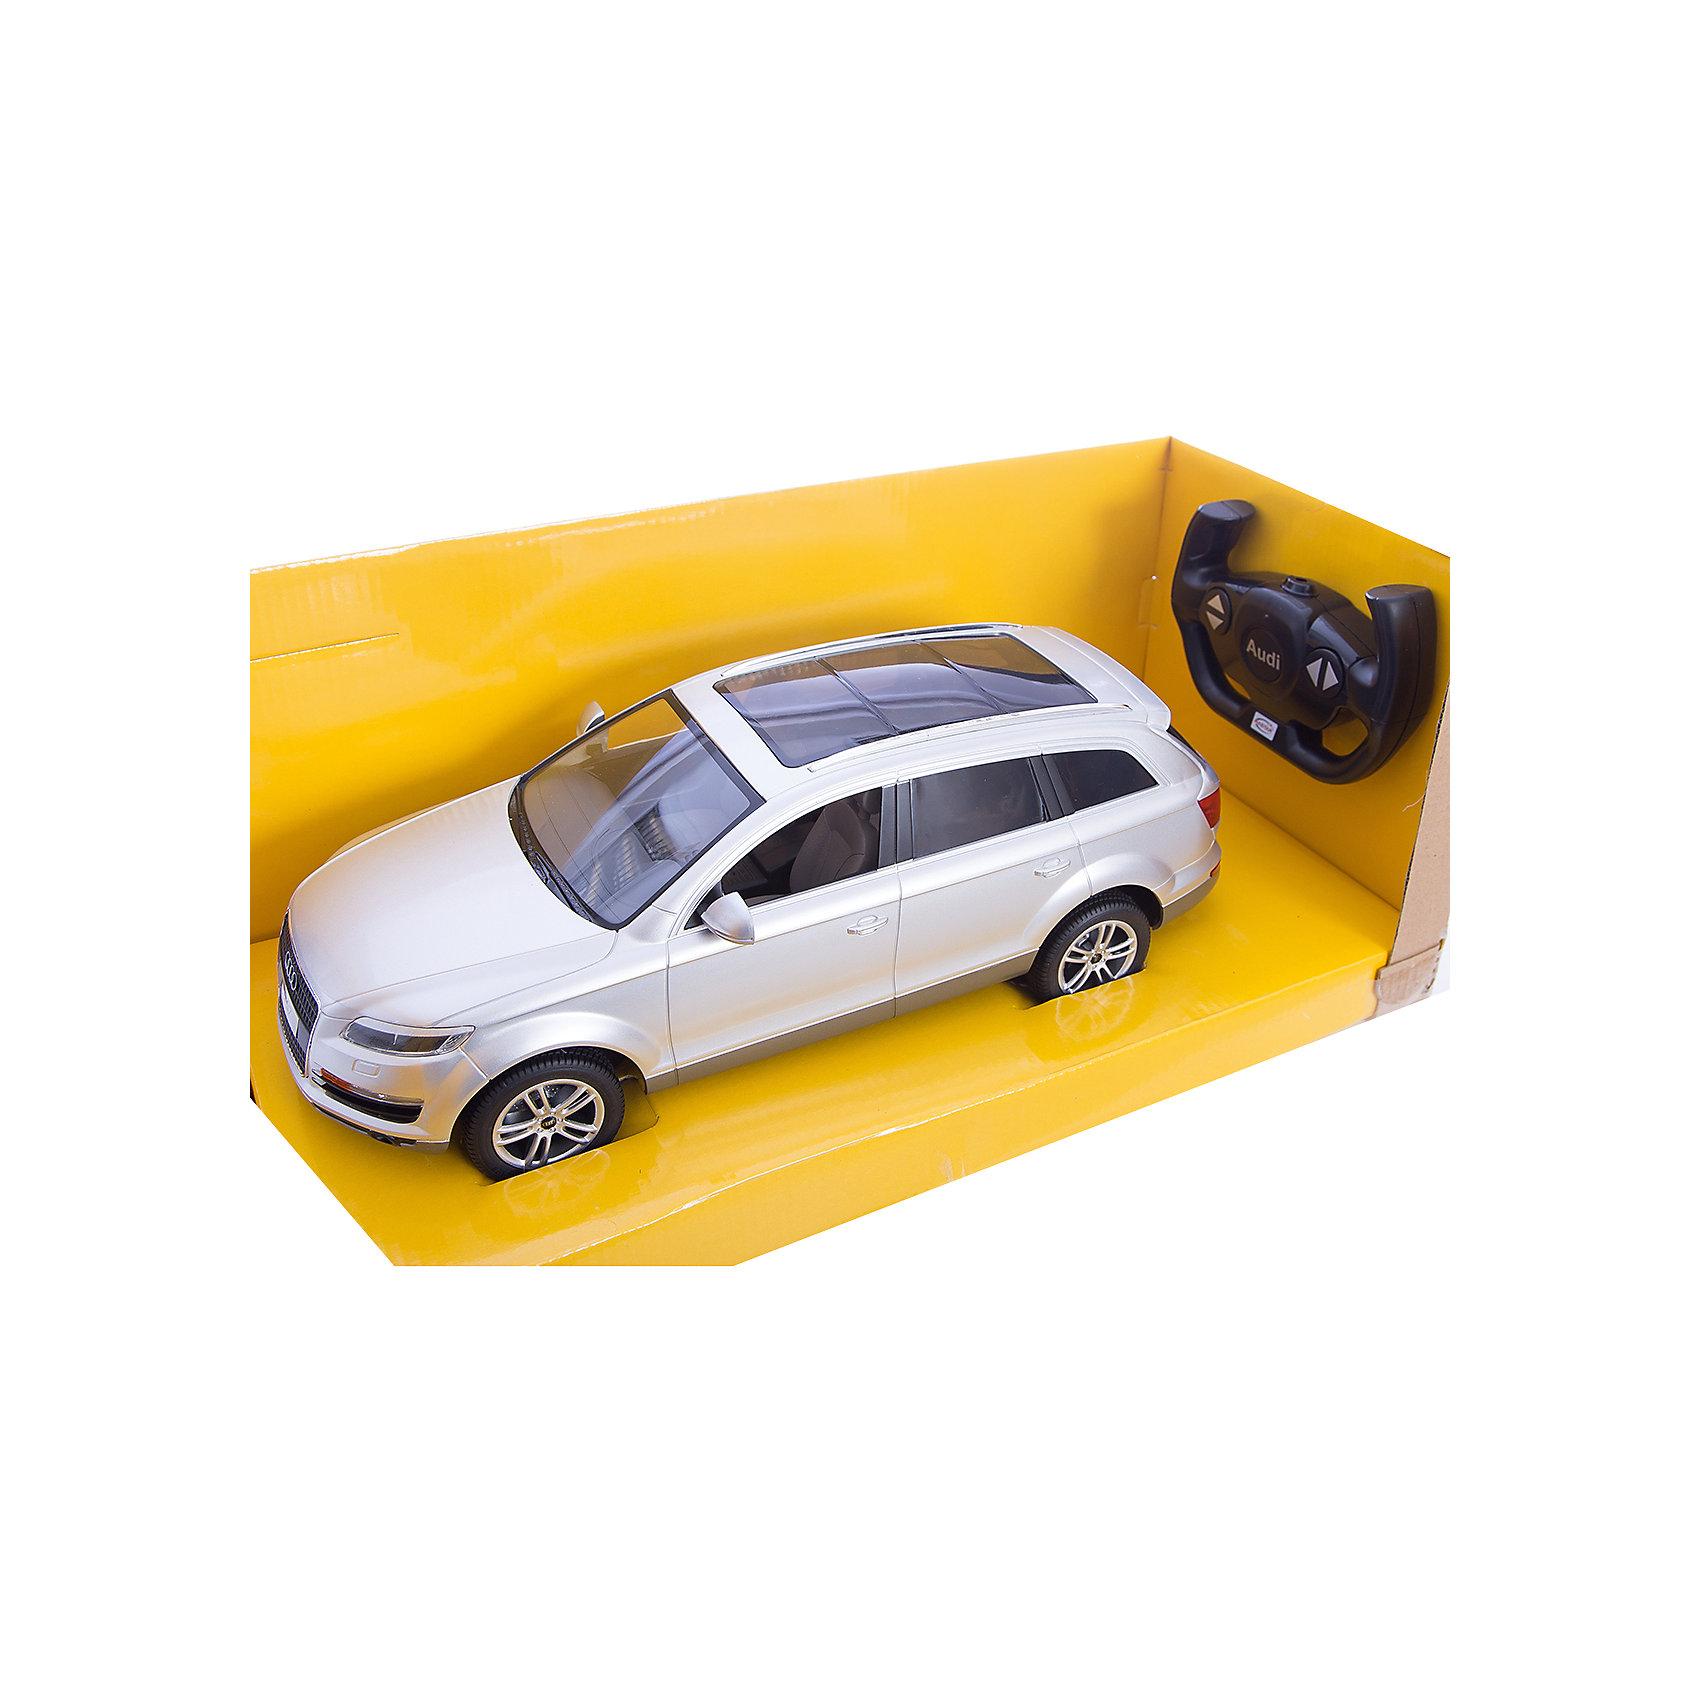 - Машина AUDI Q7 1:14, свет, на р/у, RASTAR, серебристый rastar машина на радиоуправлении 1 24 audi q7 27300